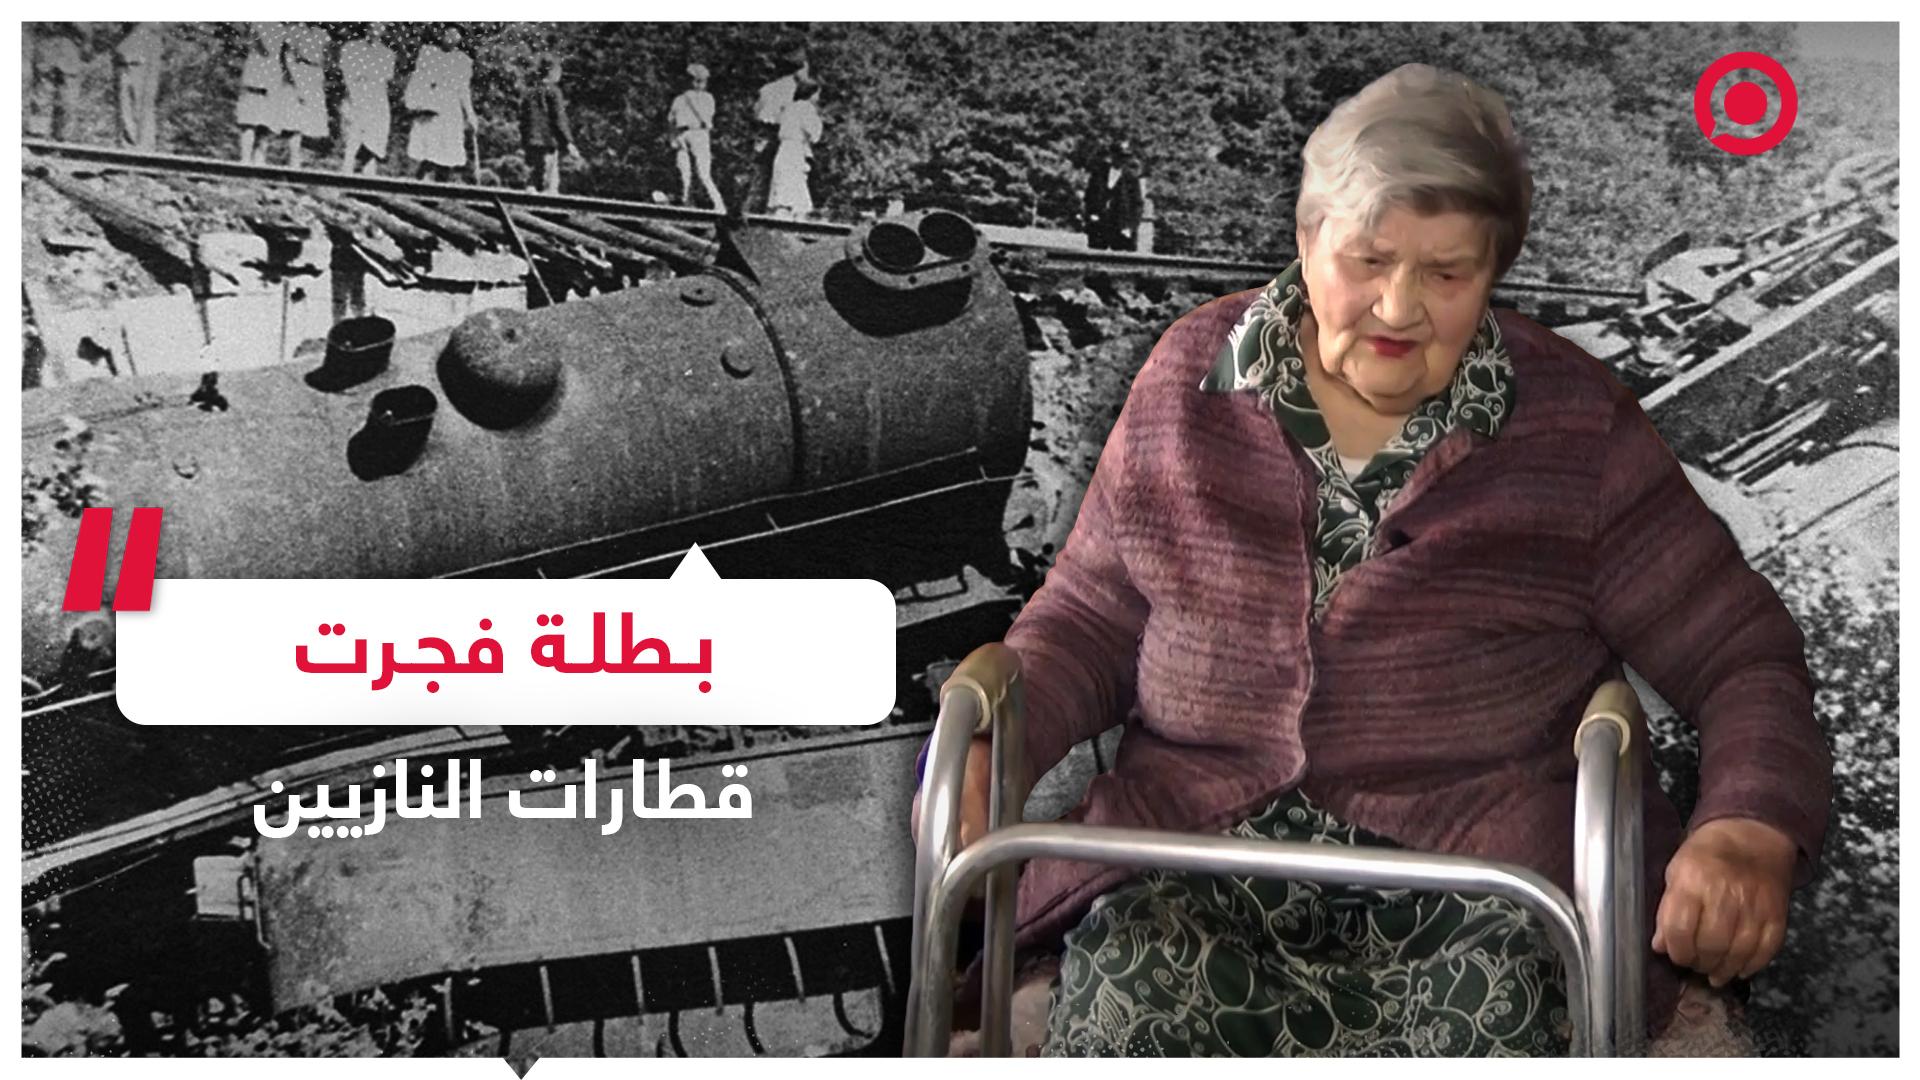 بطلة غامرت بحياتها لتفجر قطارات النازيين